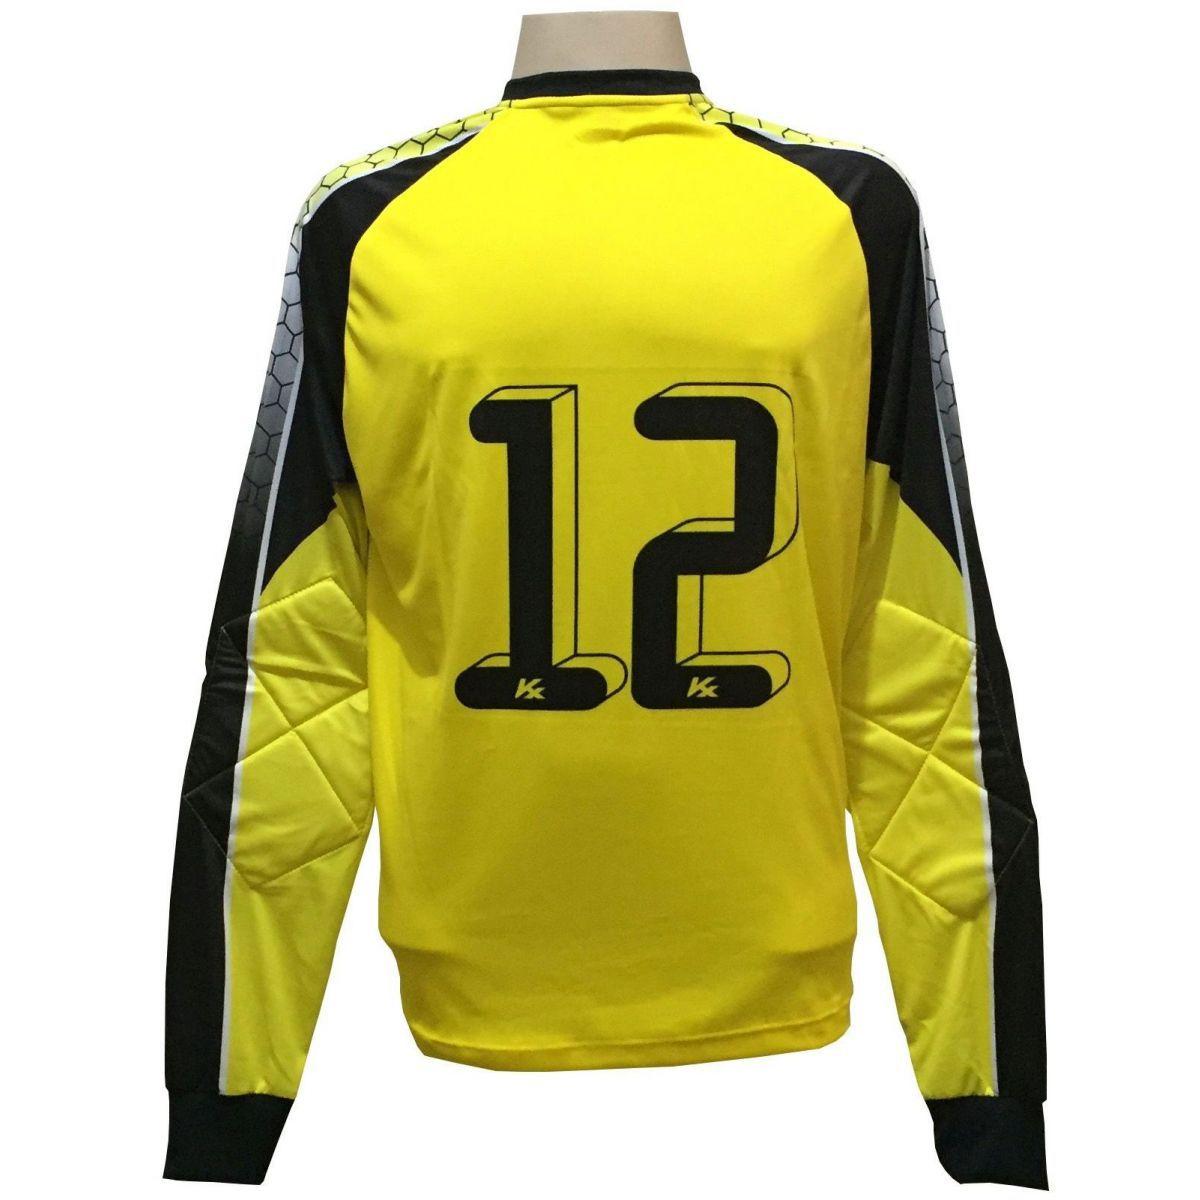 Camisa de Goleiro Profissional modelo Paraí Tam G Nº 12 Amarelo/Preto - Kanxa